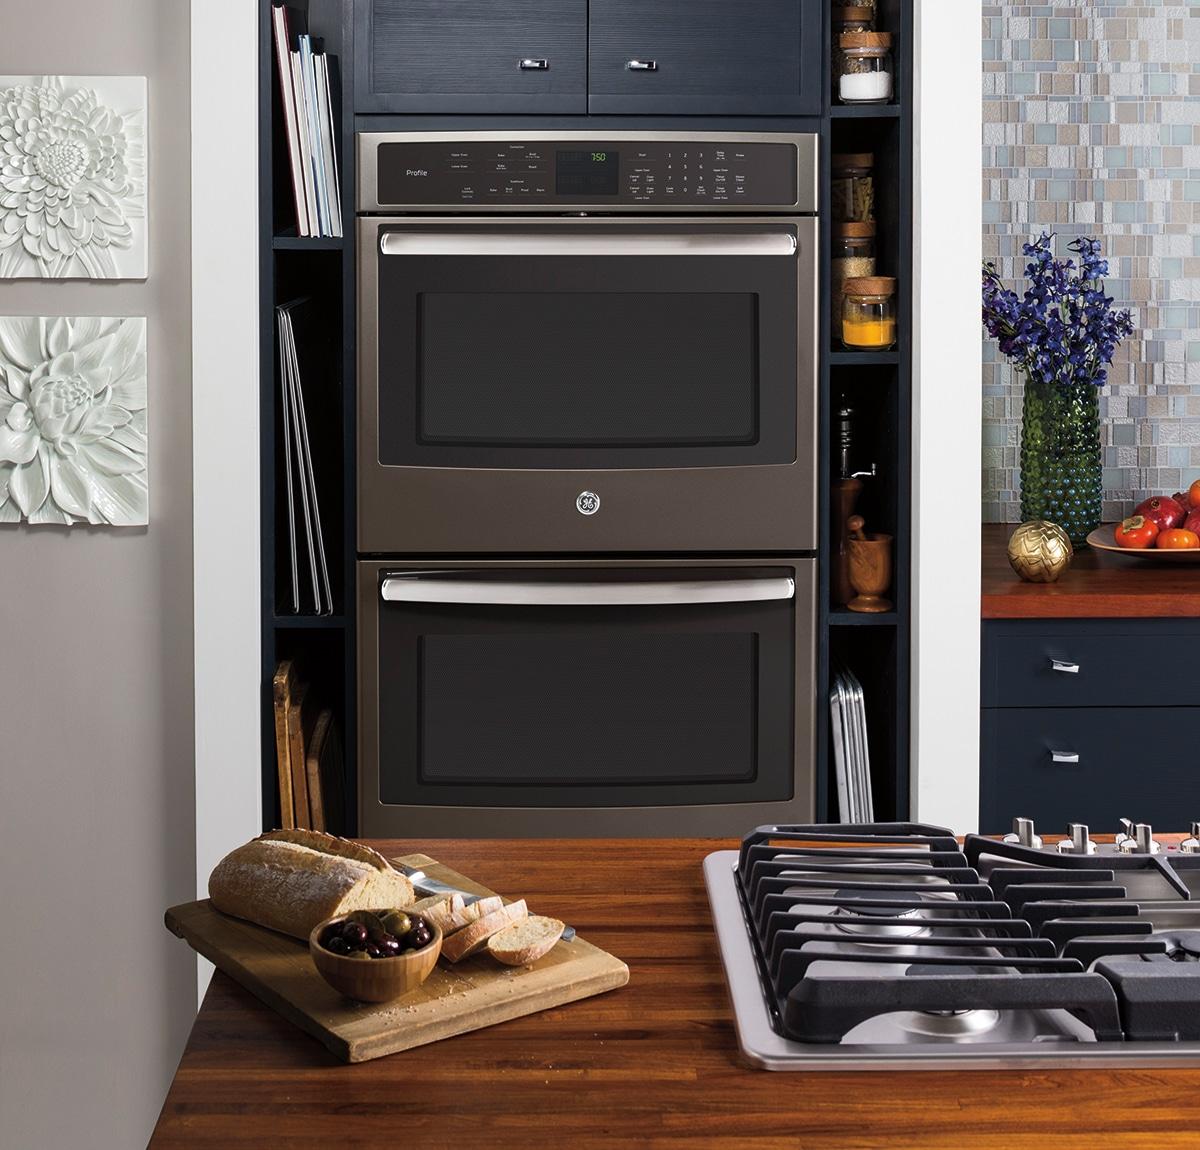 GE Premium Slate Finish Oven